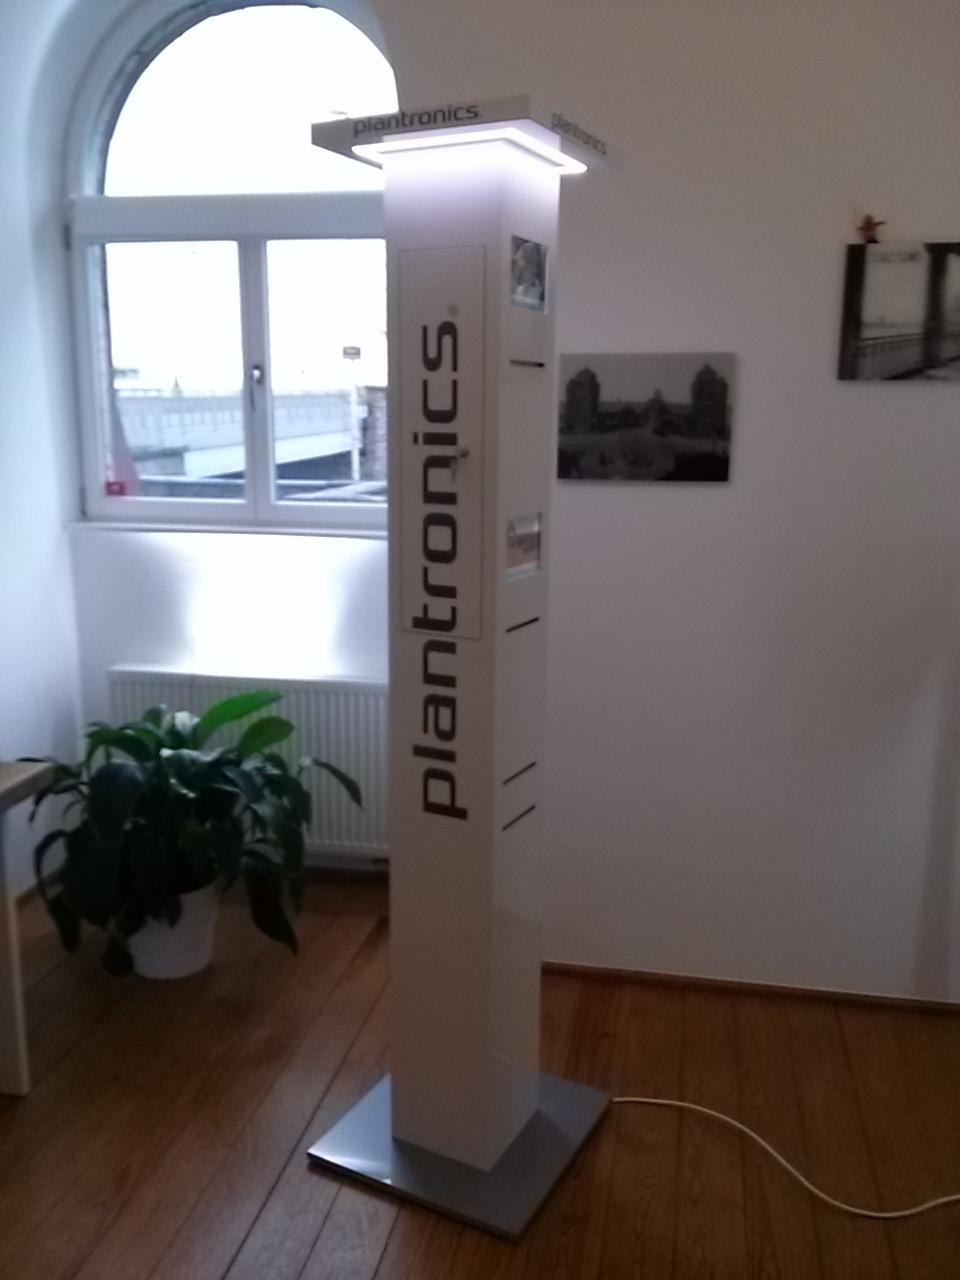 MESSEBAU - Plantronics, Entwicklung und Umsetzung von multimedialem DISPLAYBAU, 2016